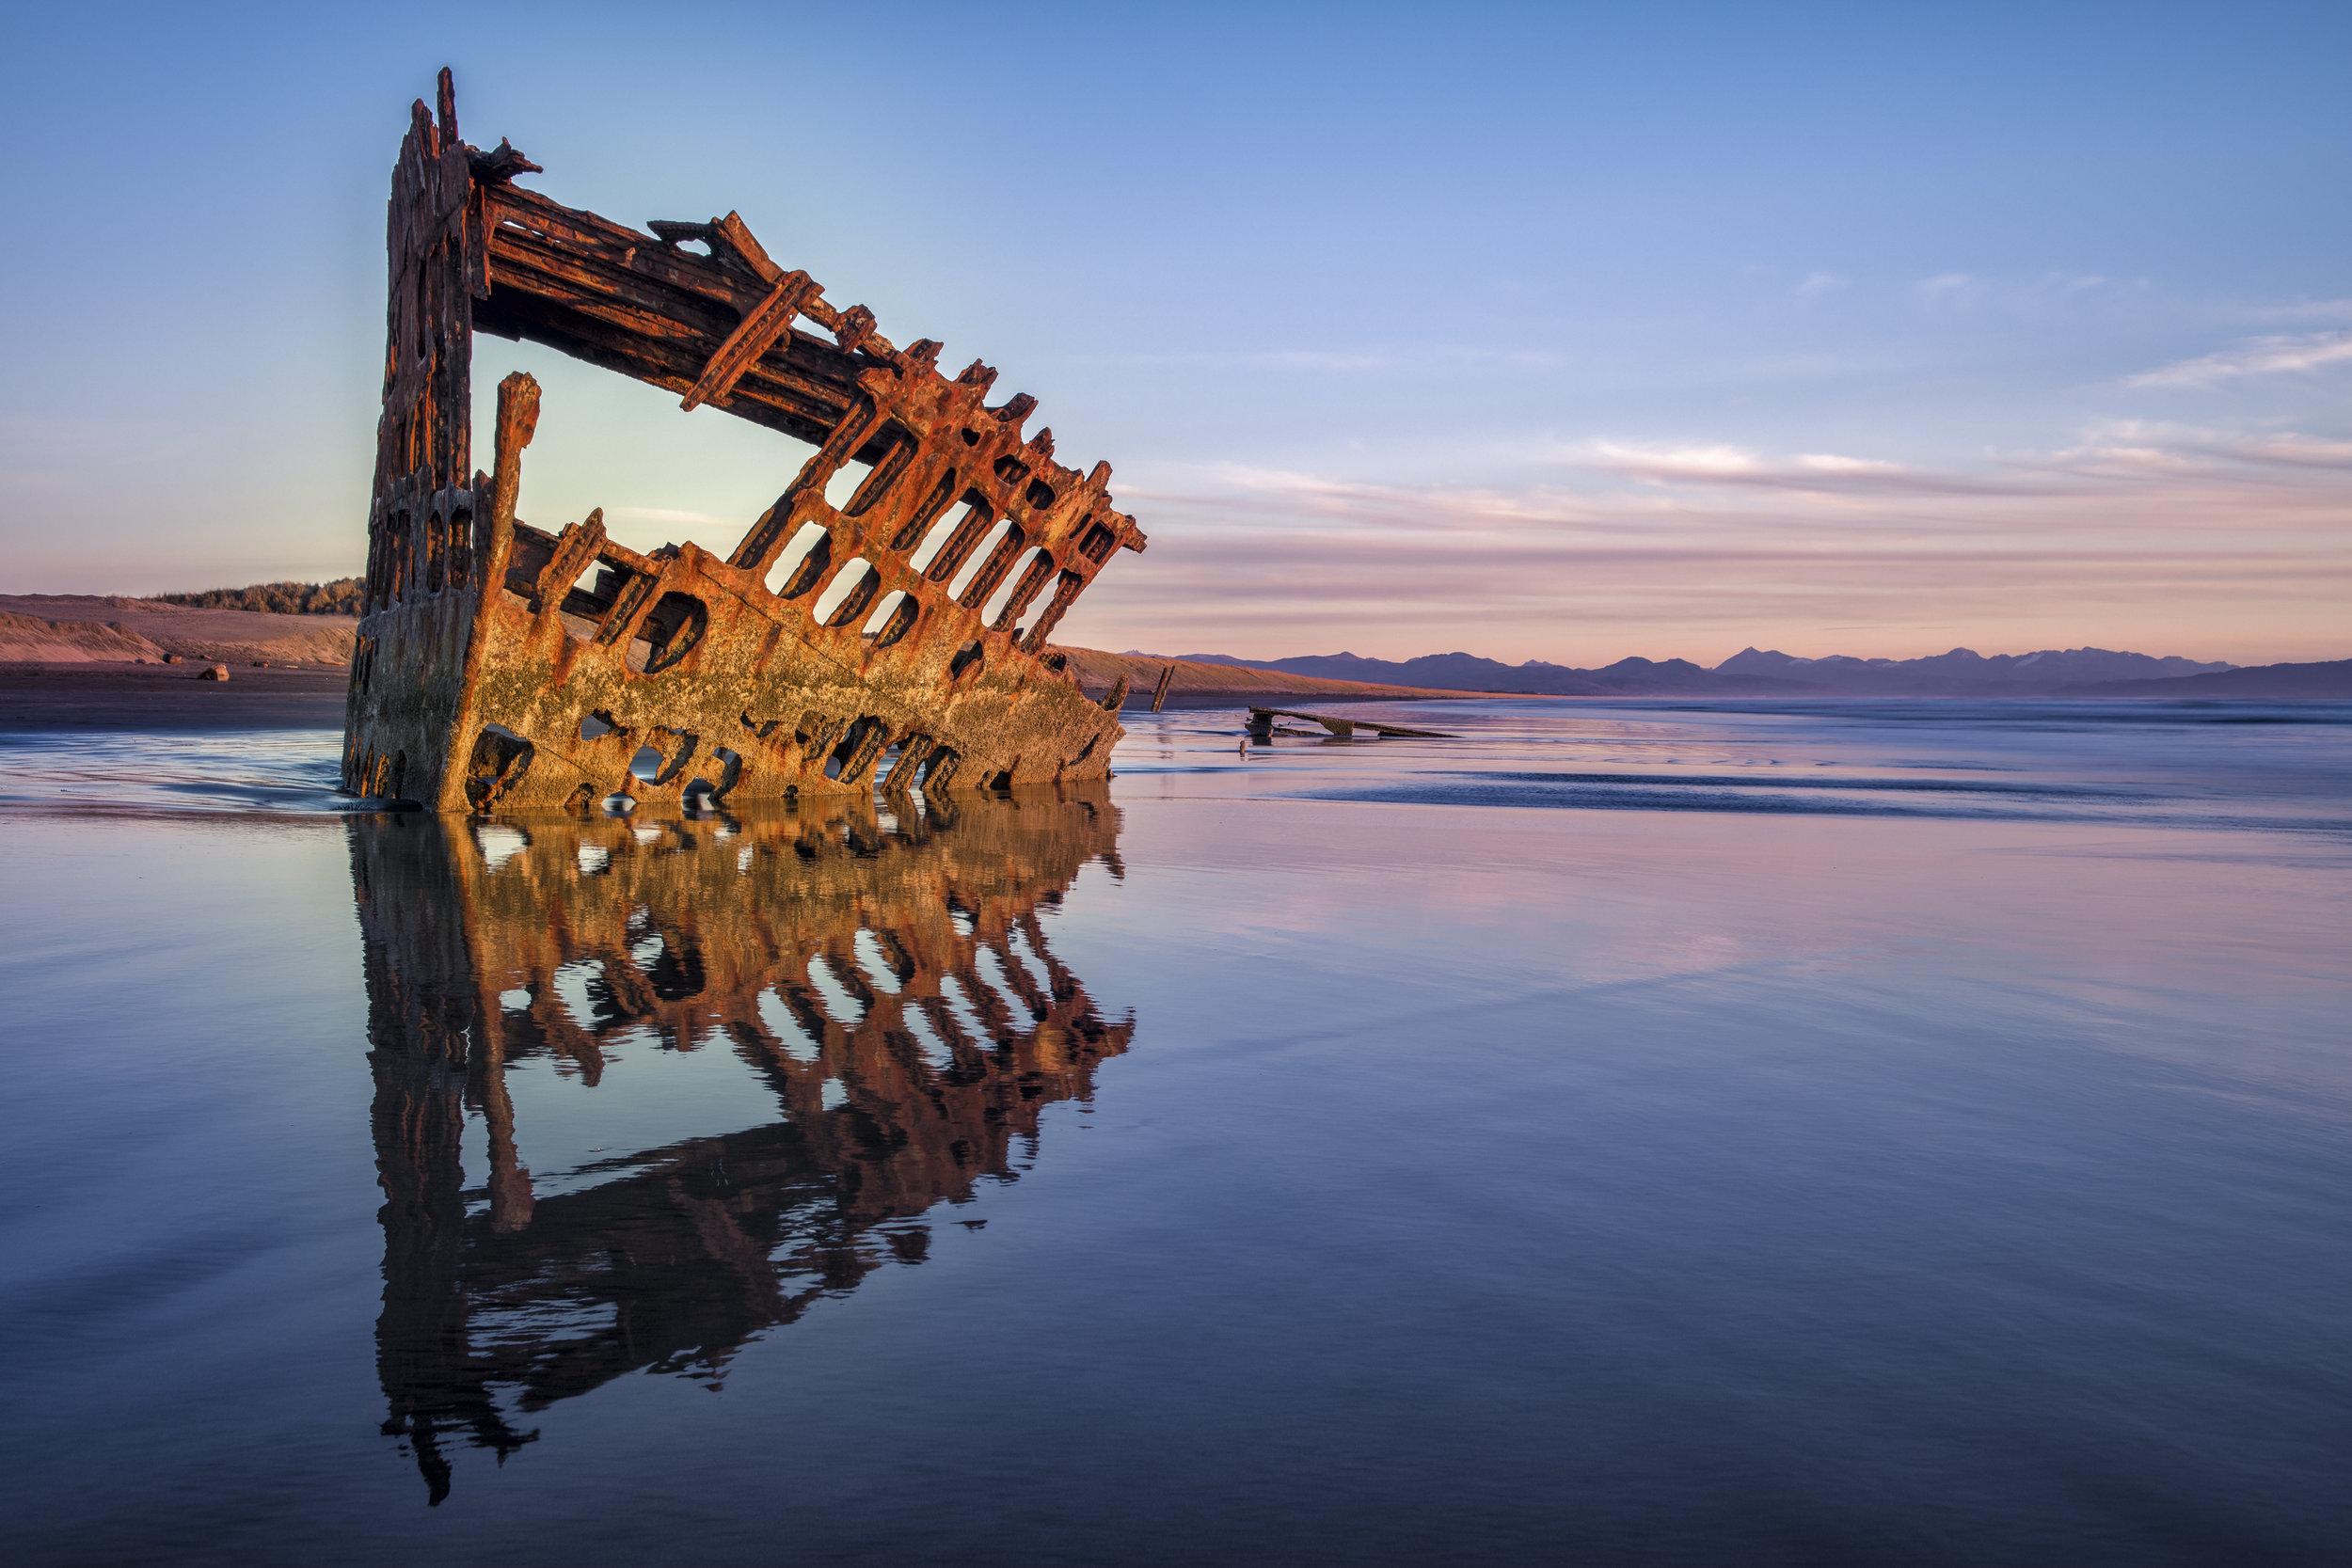 Shipwreck Sunset 4